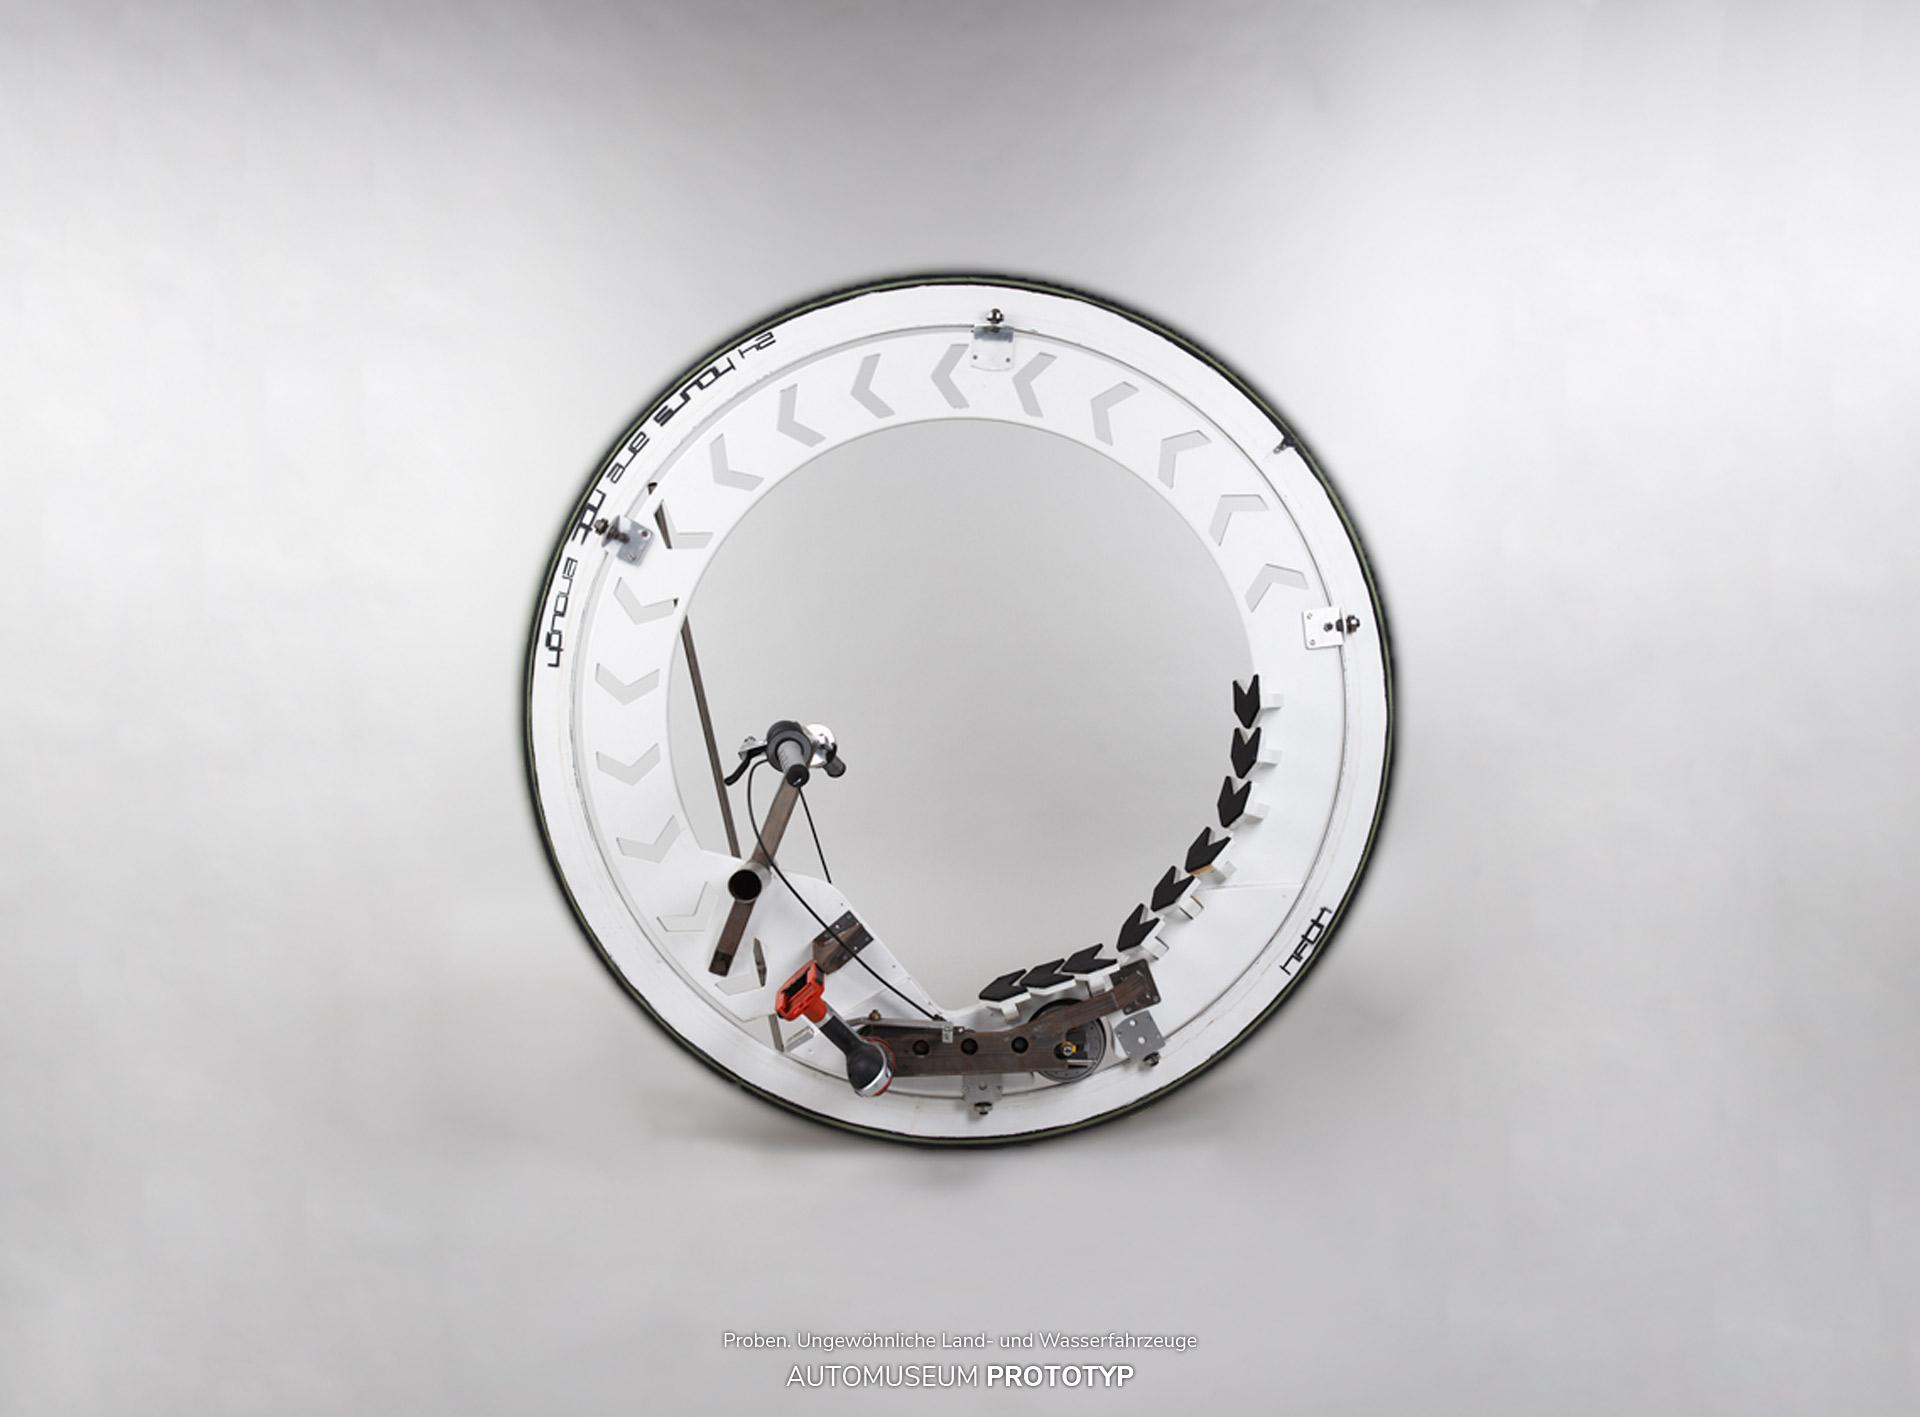 2010 präsentierte das Automuseum Prototyp in Hamburg die Sonderausstellung